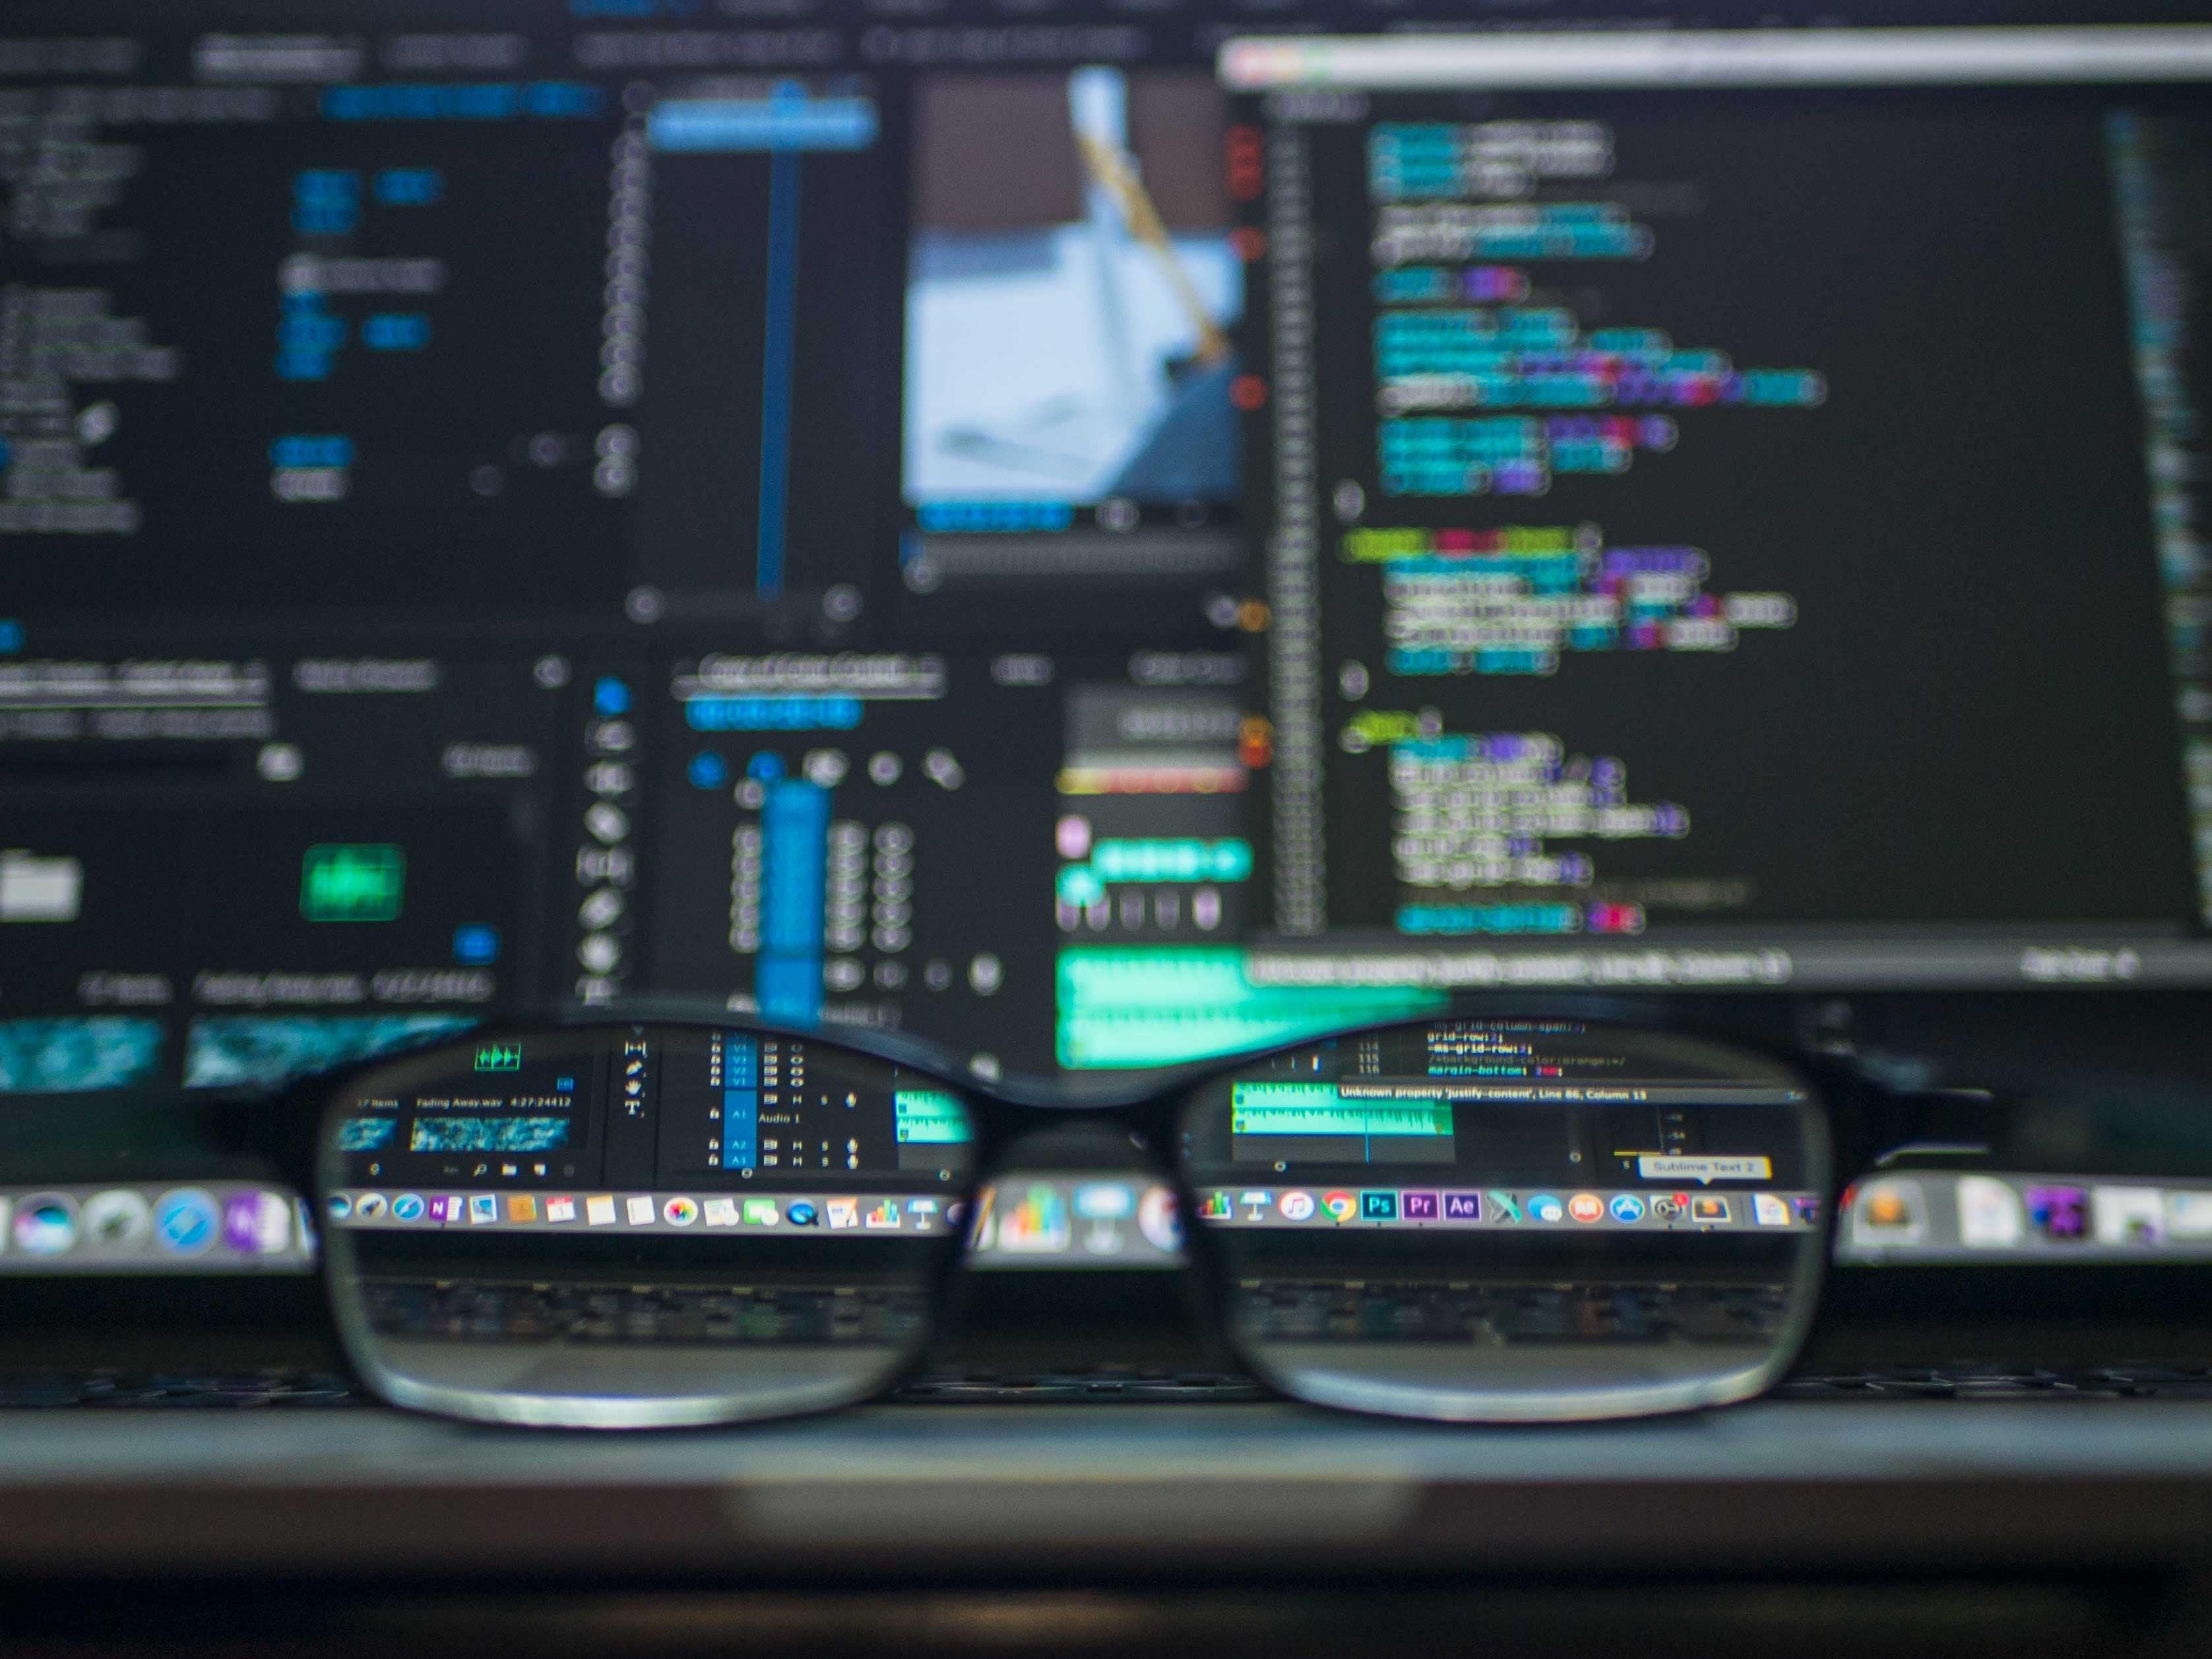 Mi is a feladata amúgy egy fejlesztőnek?